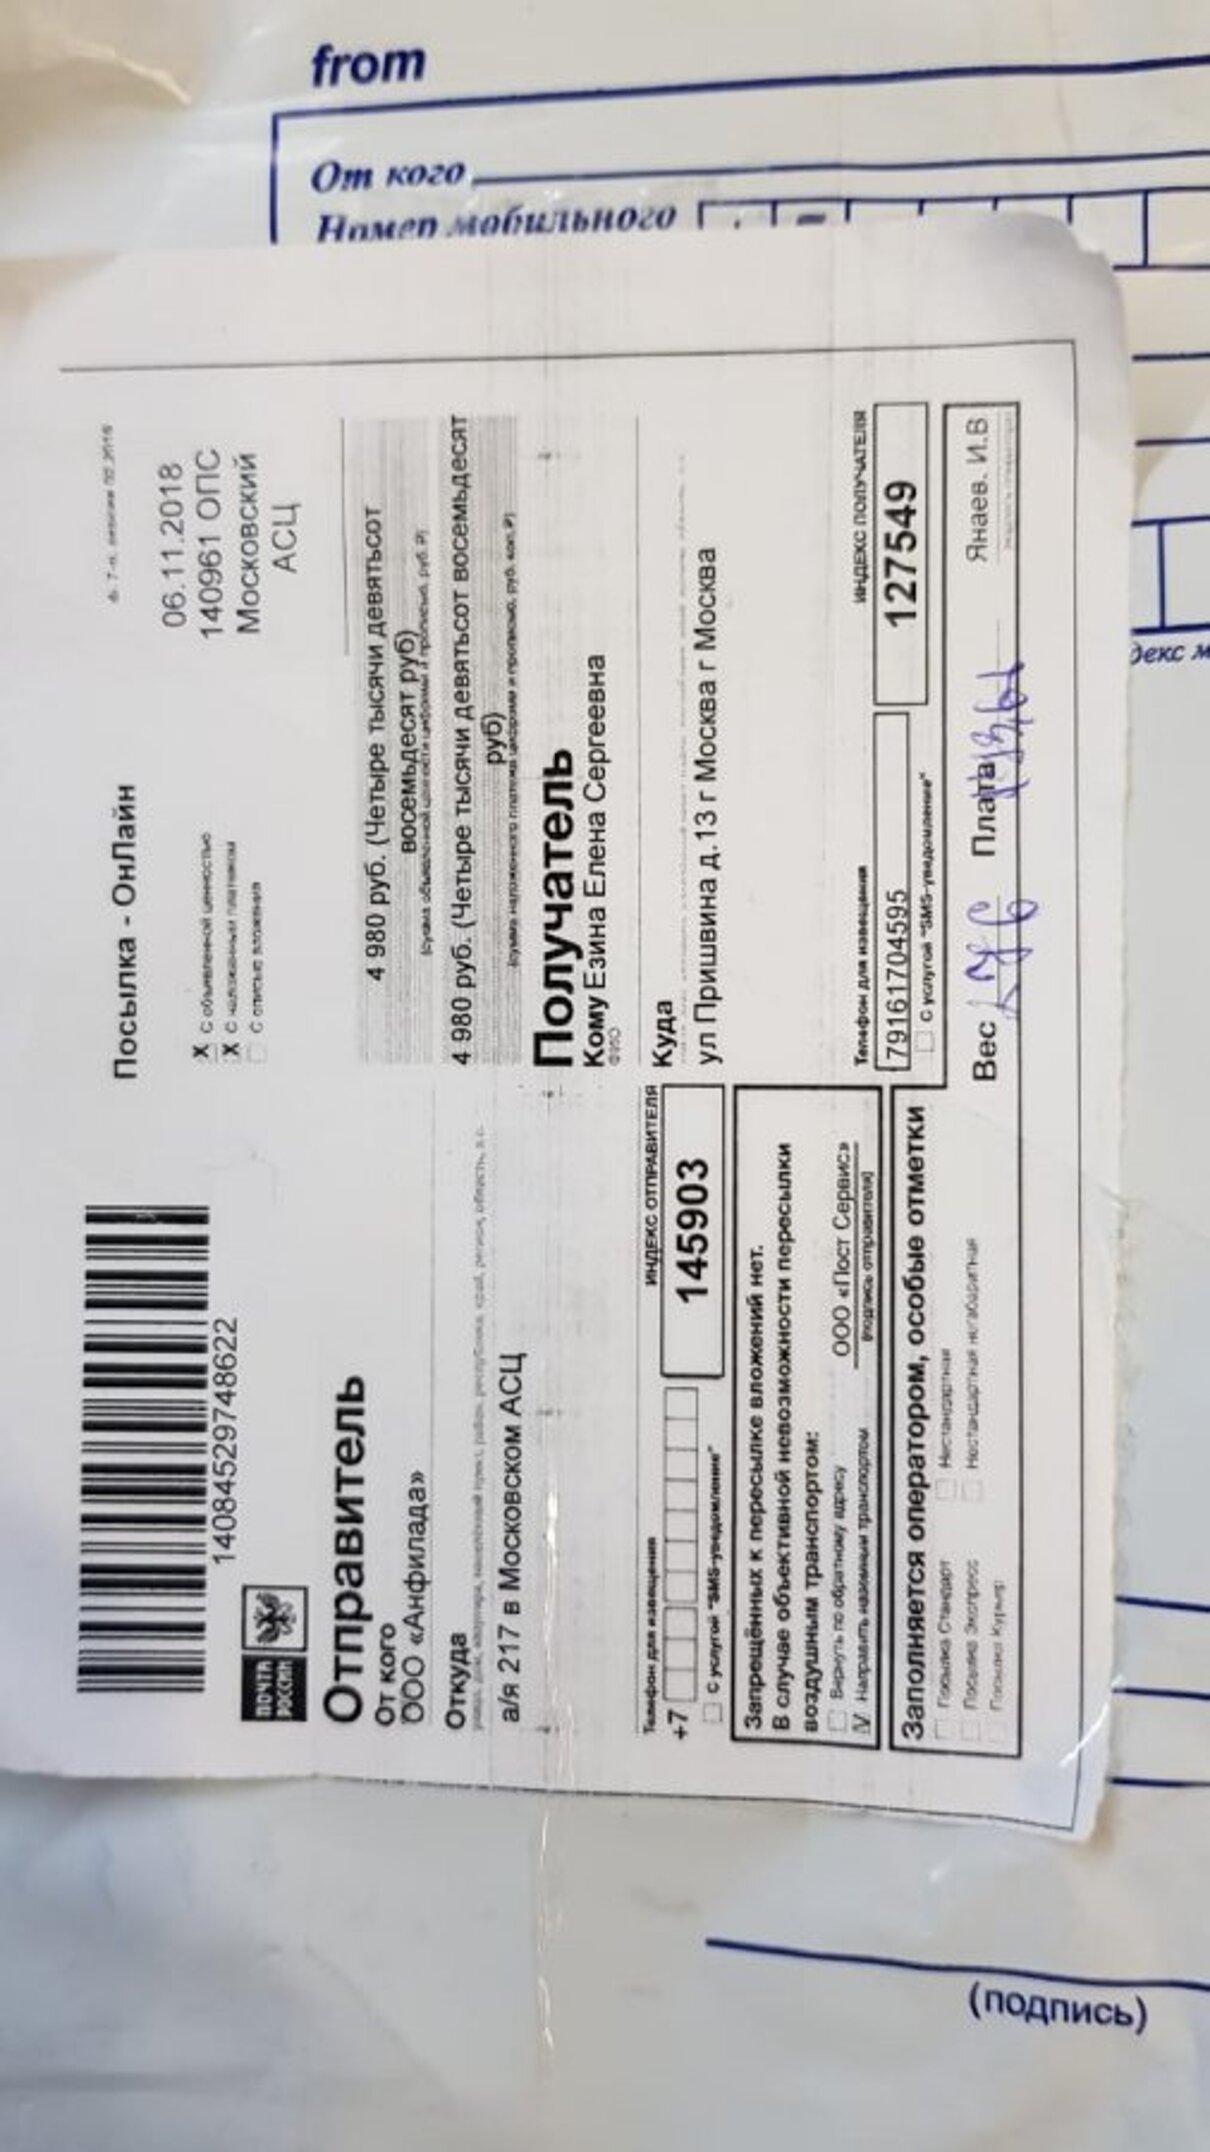 """Жалоба-отзыв: ООО """"Пим (почта)"""" - Прислали не тот товар.  Фото №2"""